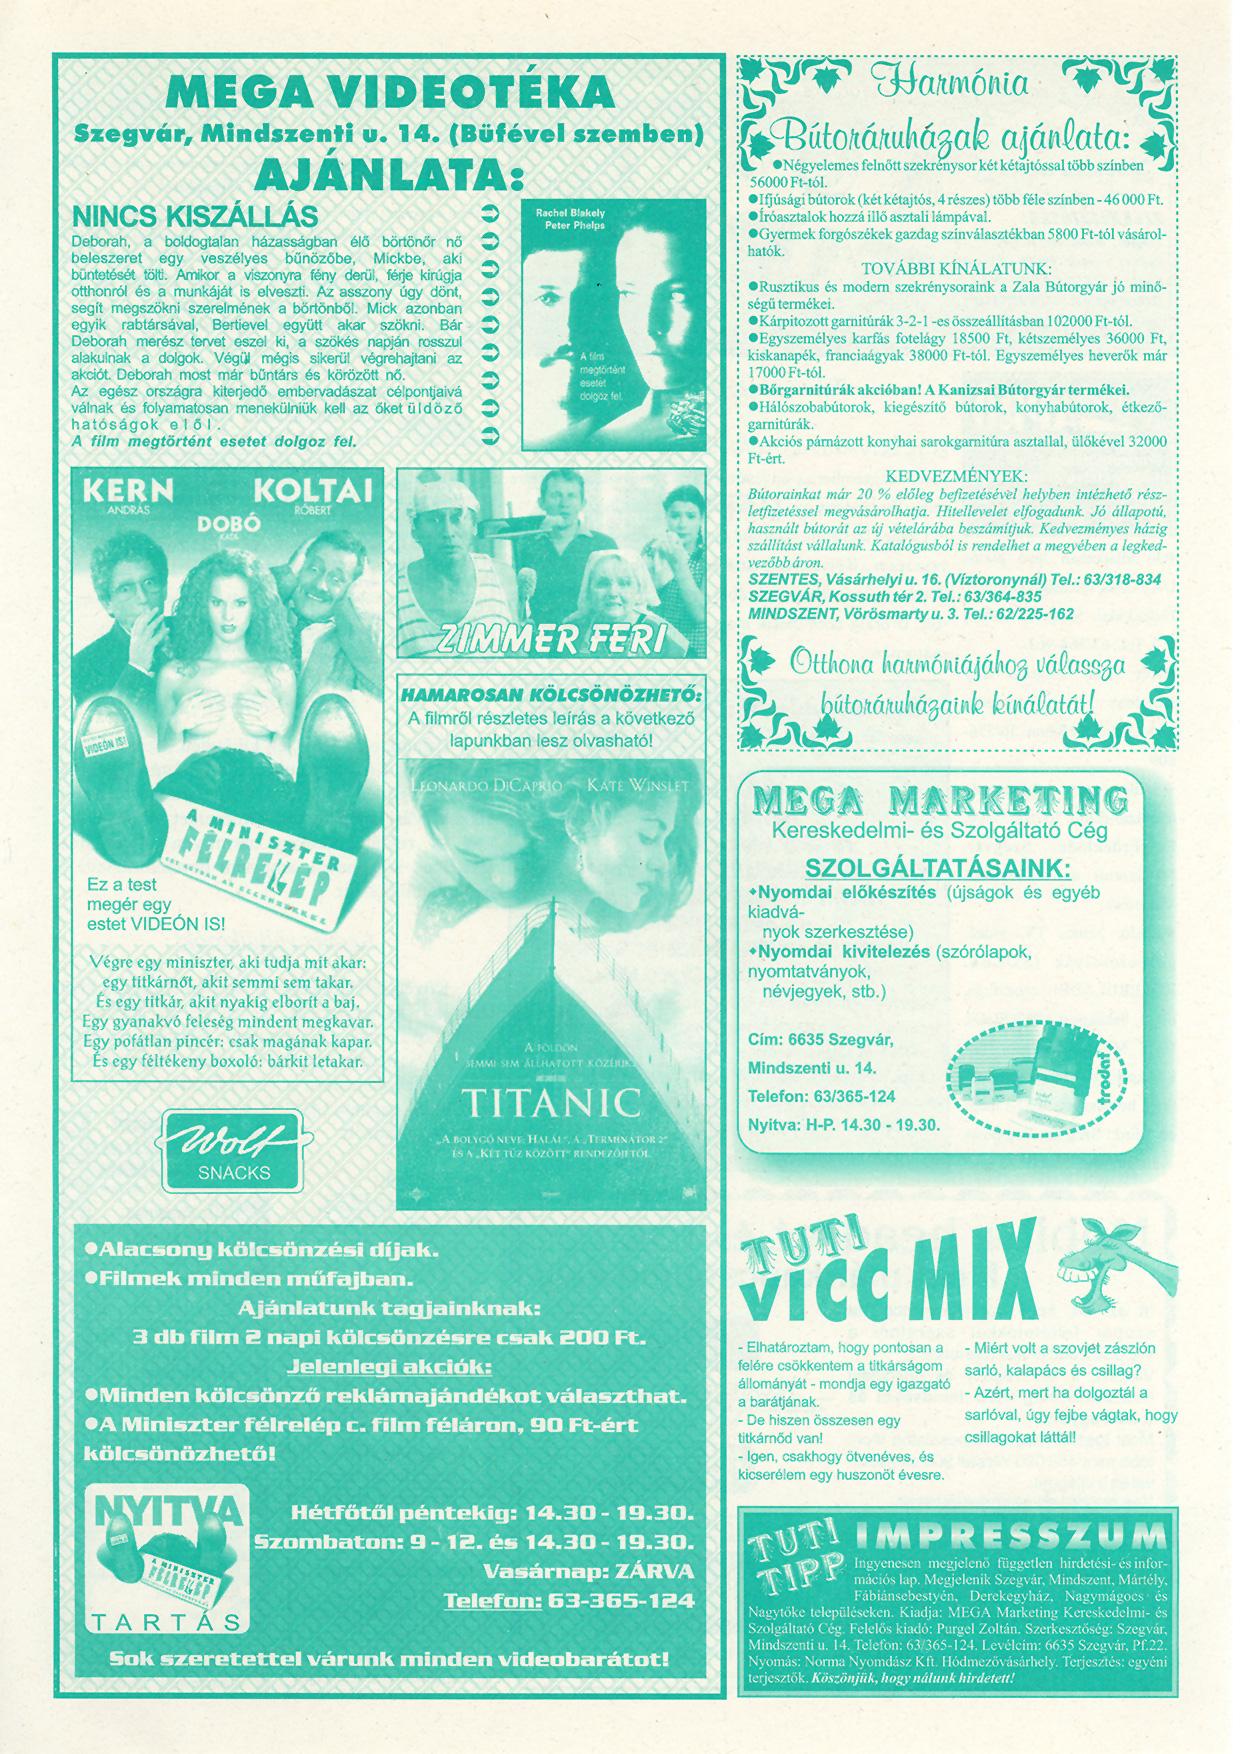 044 Tuti Tipp reklámújság - 19980919-093. lapszám - 2.oldal - IV. évfolyam.jpg